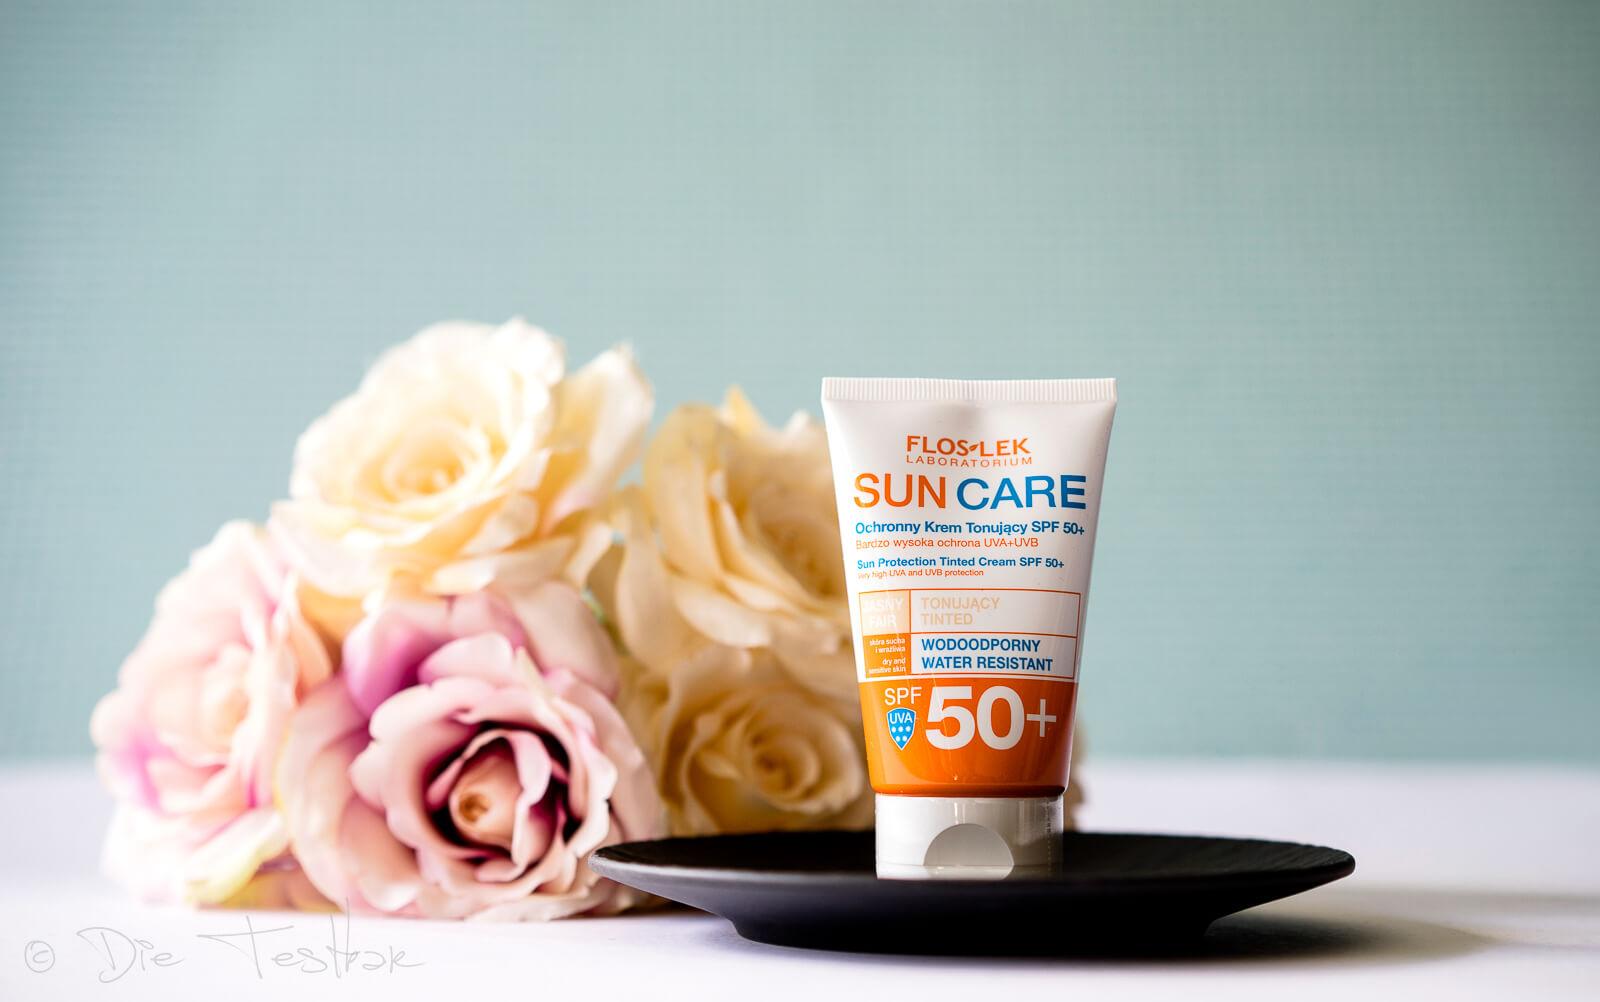 Floslek DERMO EXPERT™ - SUN CARE Getönte UV-Schutzcreme LSF 50+ und getönte, ölfreie UV-Schutzcreme LSF 50+